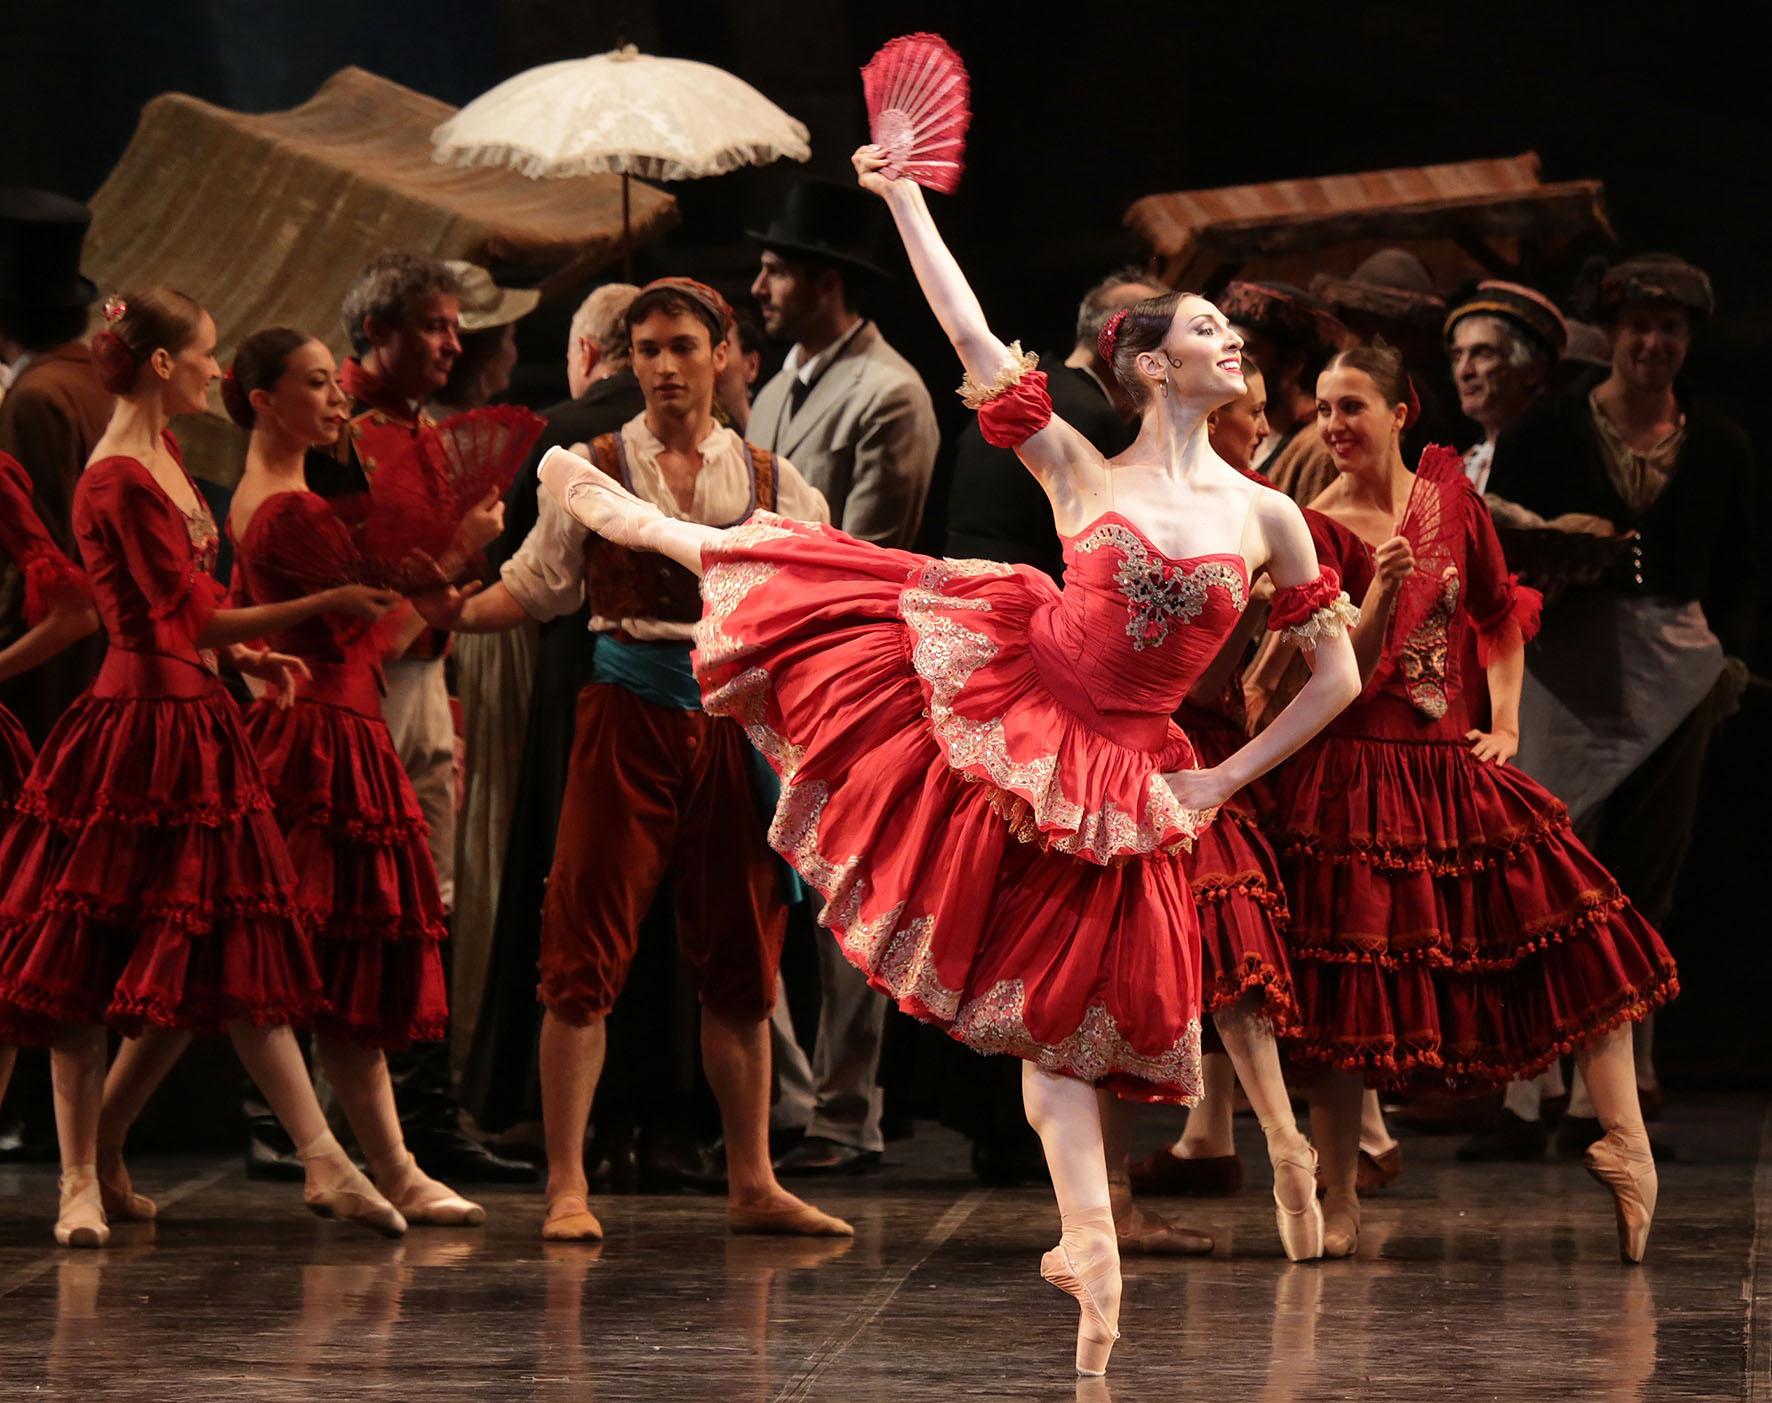 Teatro Arcimboldi e Teatro alla Scala - il rinnovato incontro | Don Chisciotte dal 29 ottobre